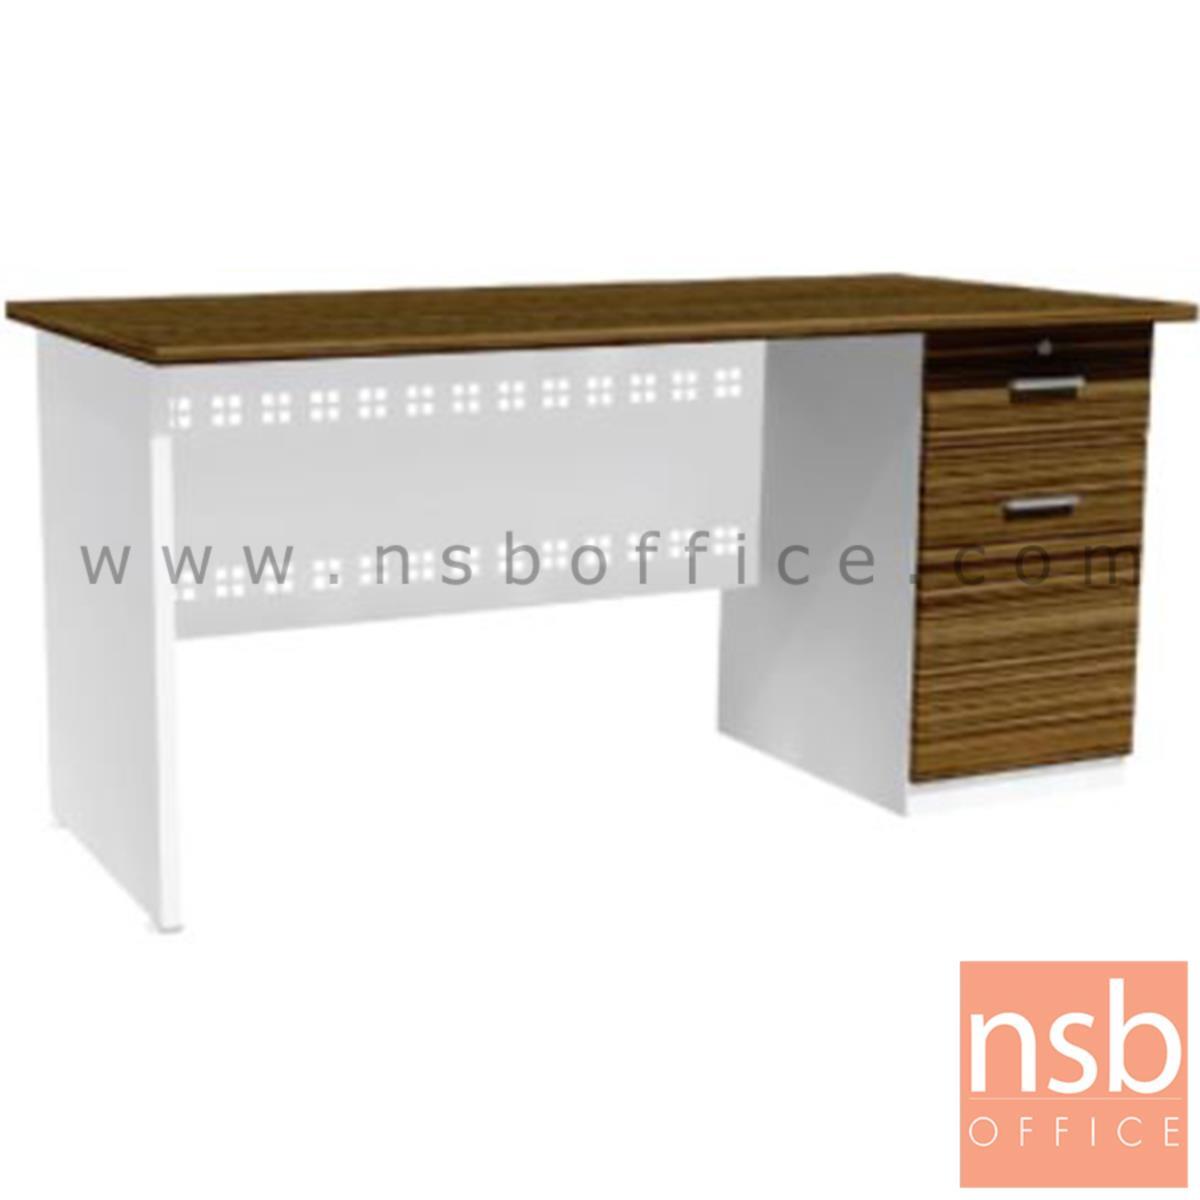 โต๊ะทำงาน  รุ่น Truvelli (ทรูวิลลี่) ขนาด 120W ,155W cm. พร้อมบังโป๊เหล็ก สีซีบราโน่-ขาว